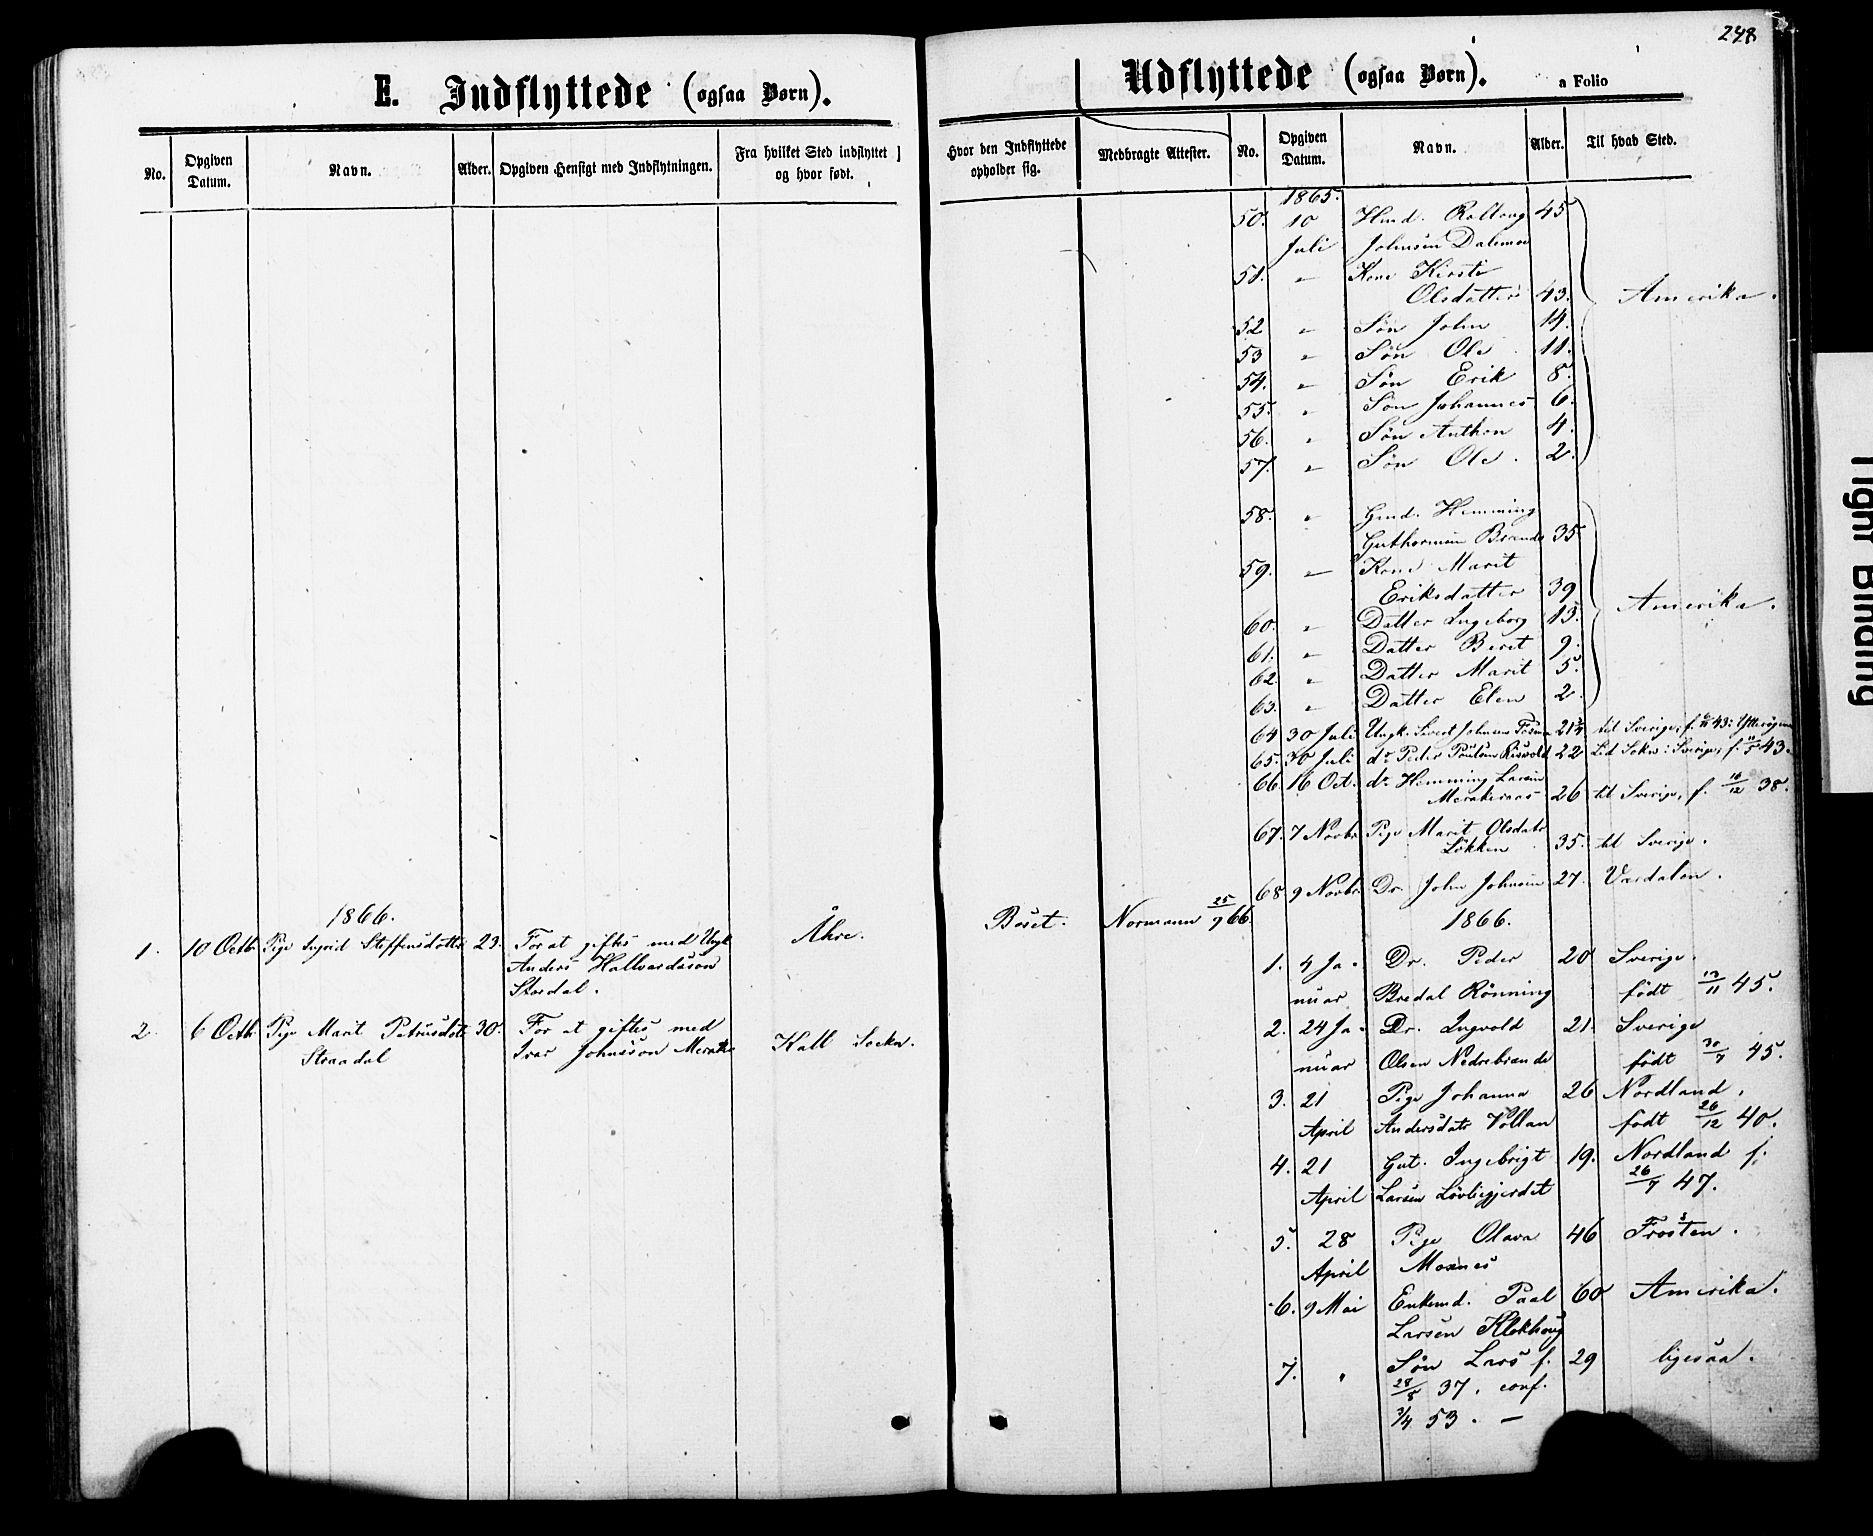 SAT, Ministerialprotokoller, klokkerbøker og fødselsregistre - Nord-Trøndelag, 706/L0049: Klokkerbok nr. 706C01, 1864-1895, s. 248